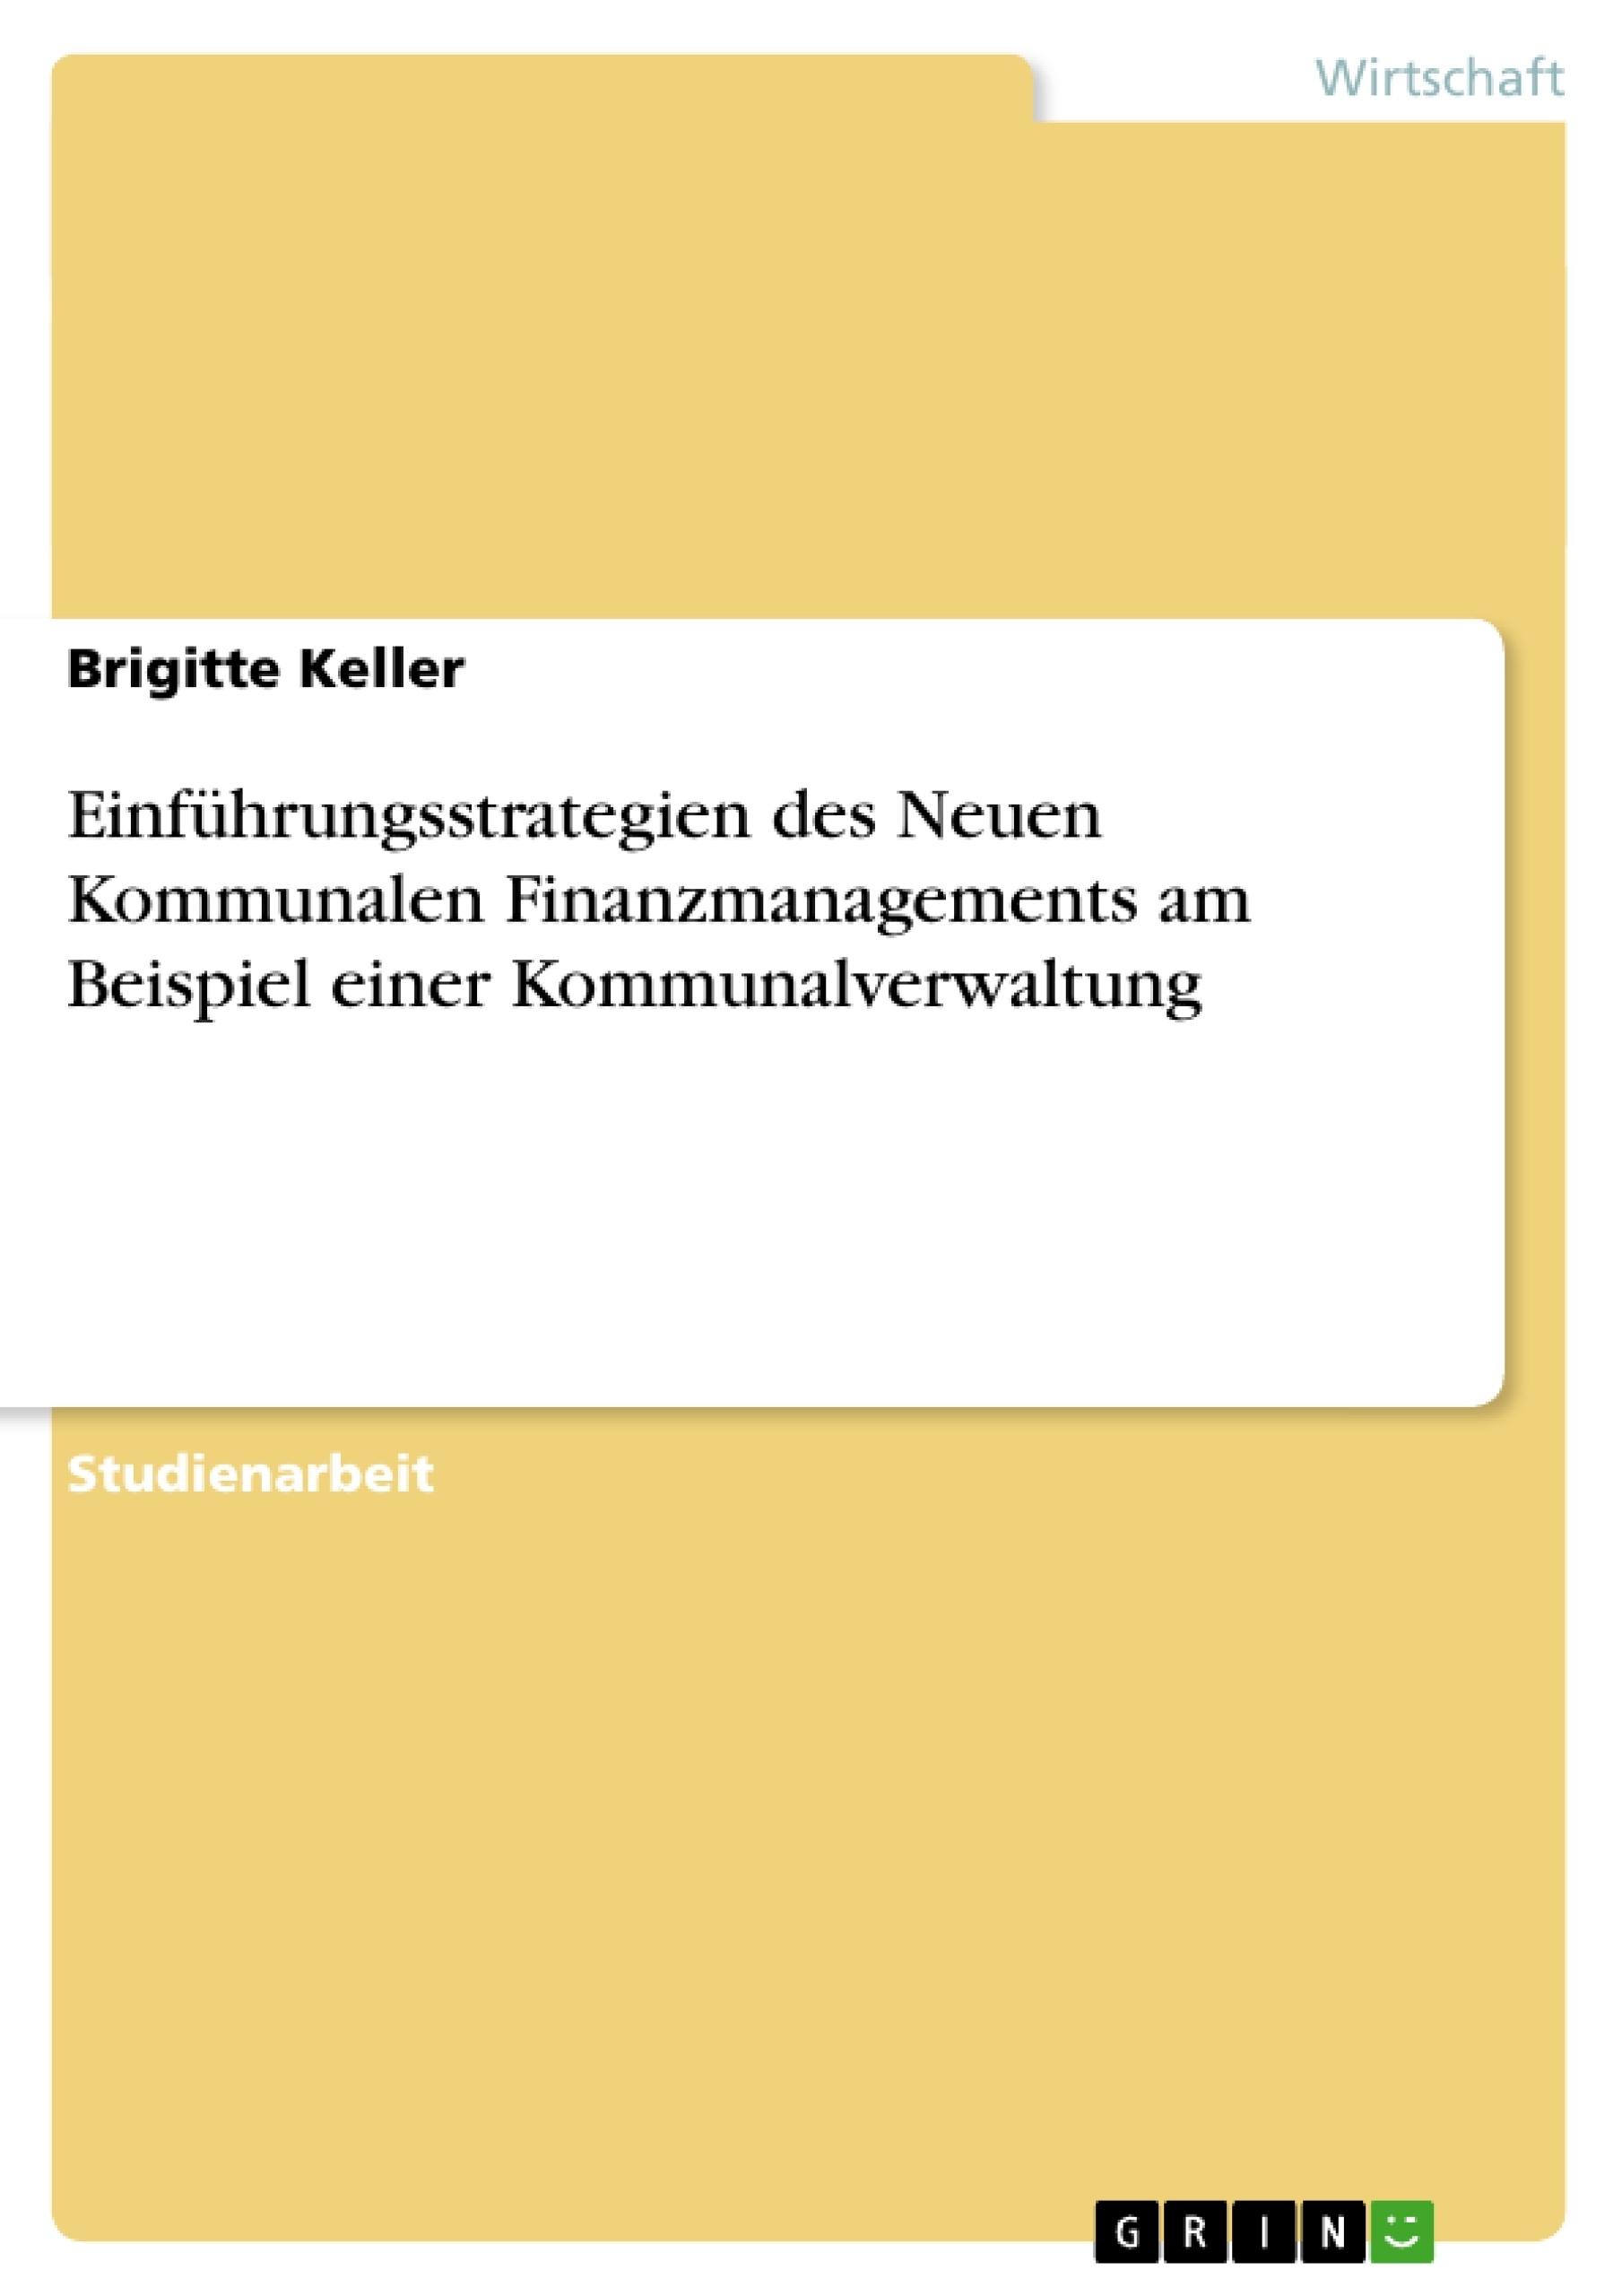 Titel: Einführungsstrategien des Neuen Kommunalen Finanzmanagements am Beispiel einer Kommunalverwaltung